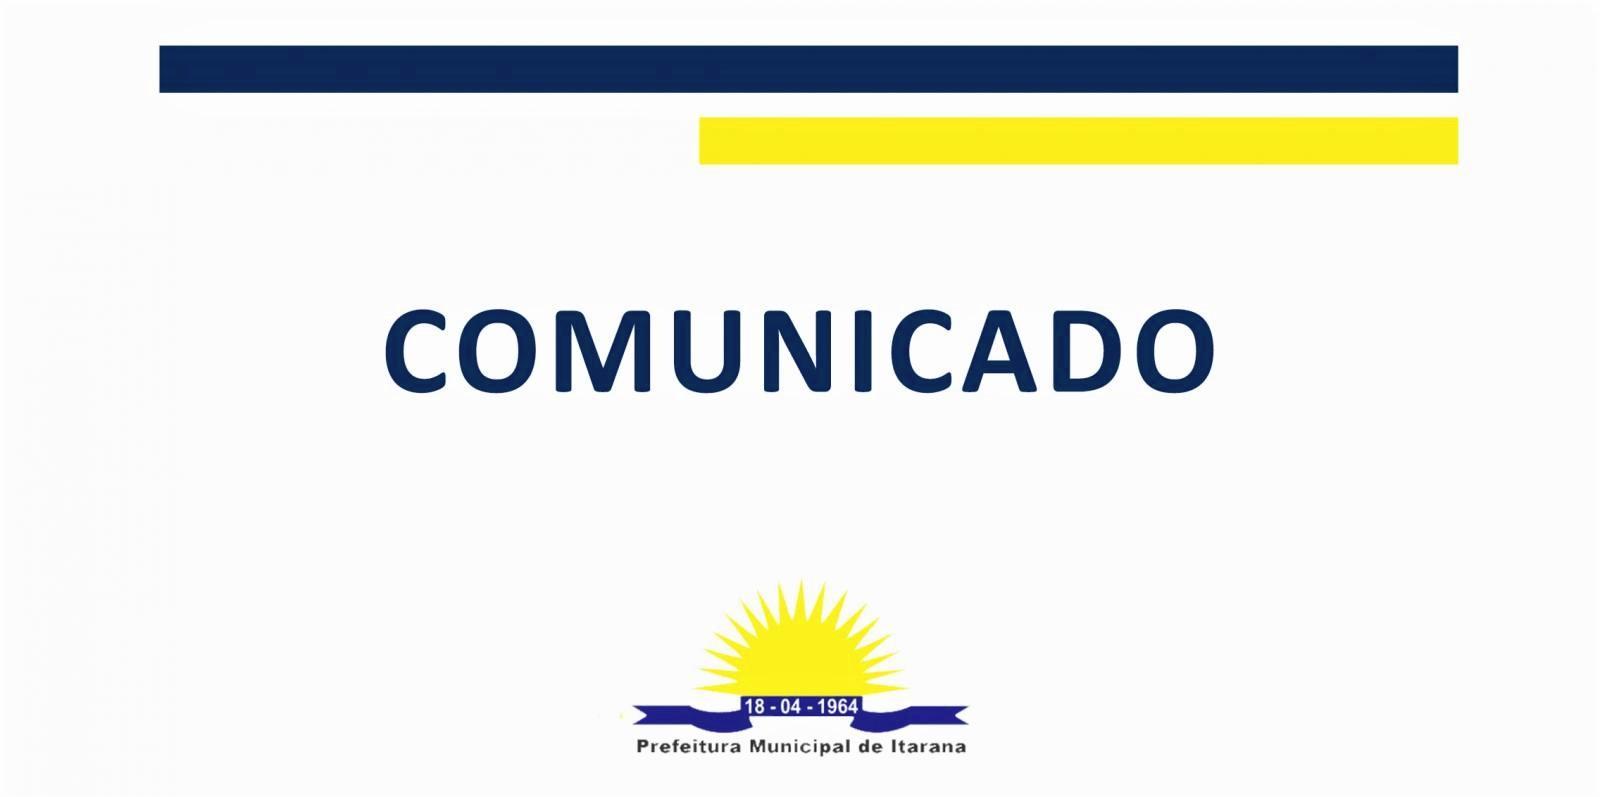 Comunicado - Economia de água no município